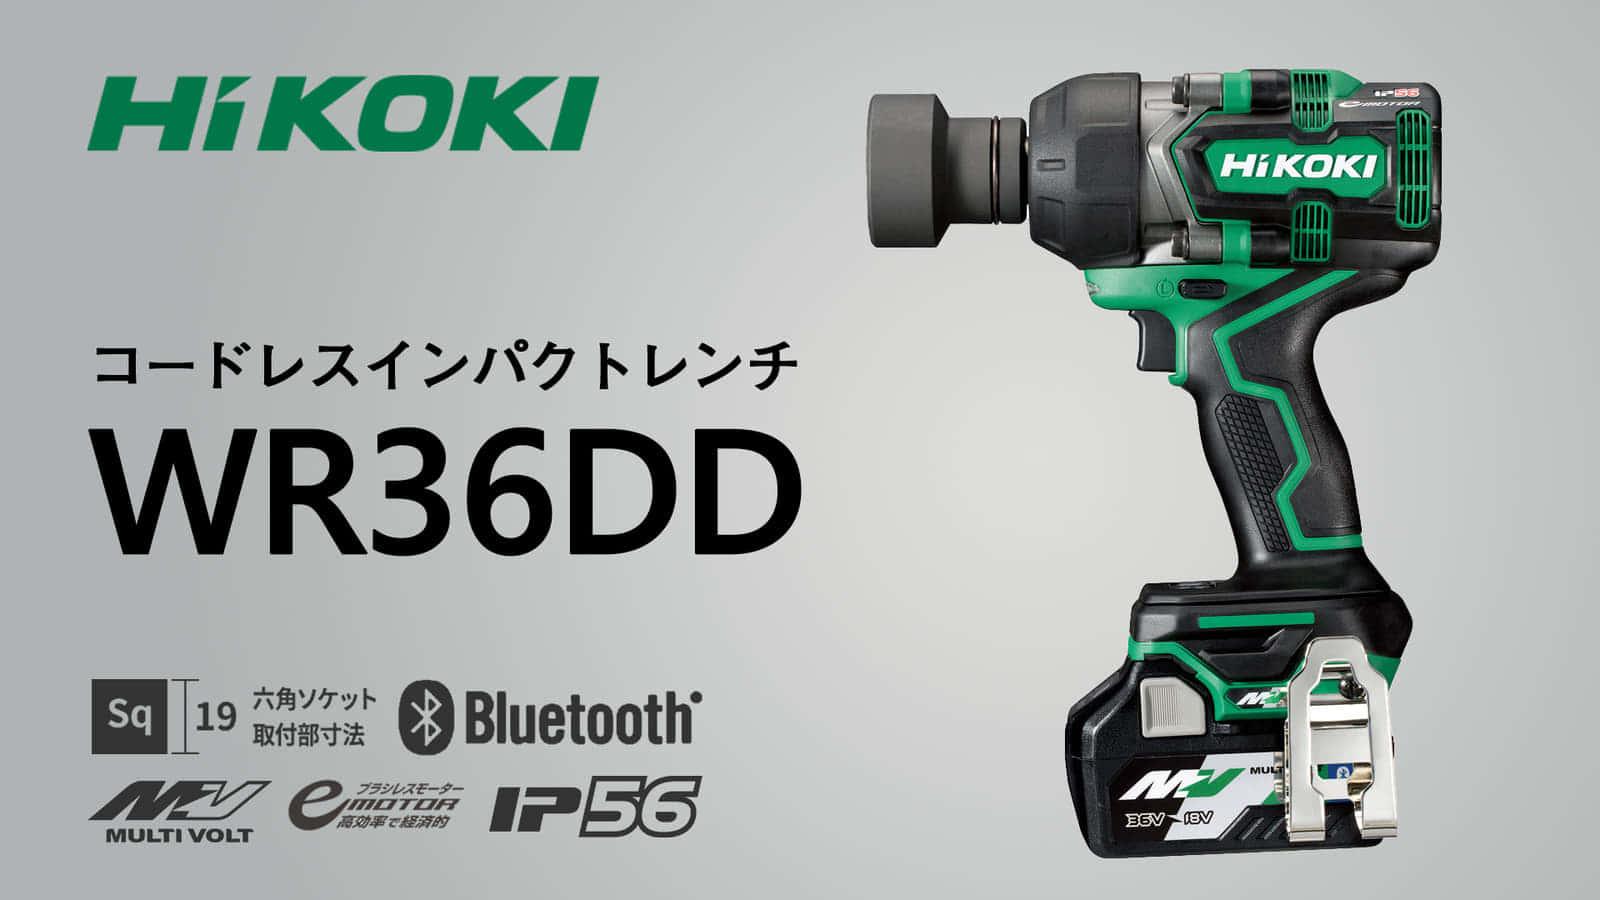 HiKOKI WR36DD コードレスインパクトレンチを発売、スマホでカスタマイズできるミドルクラス